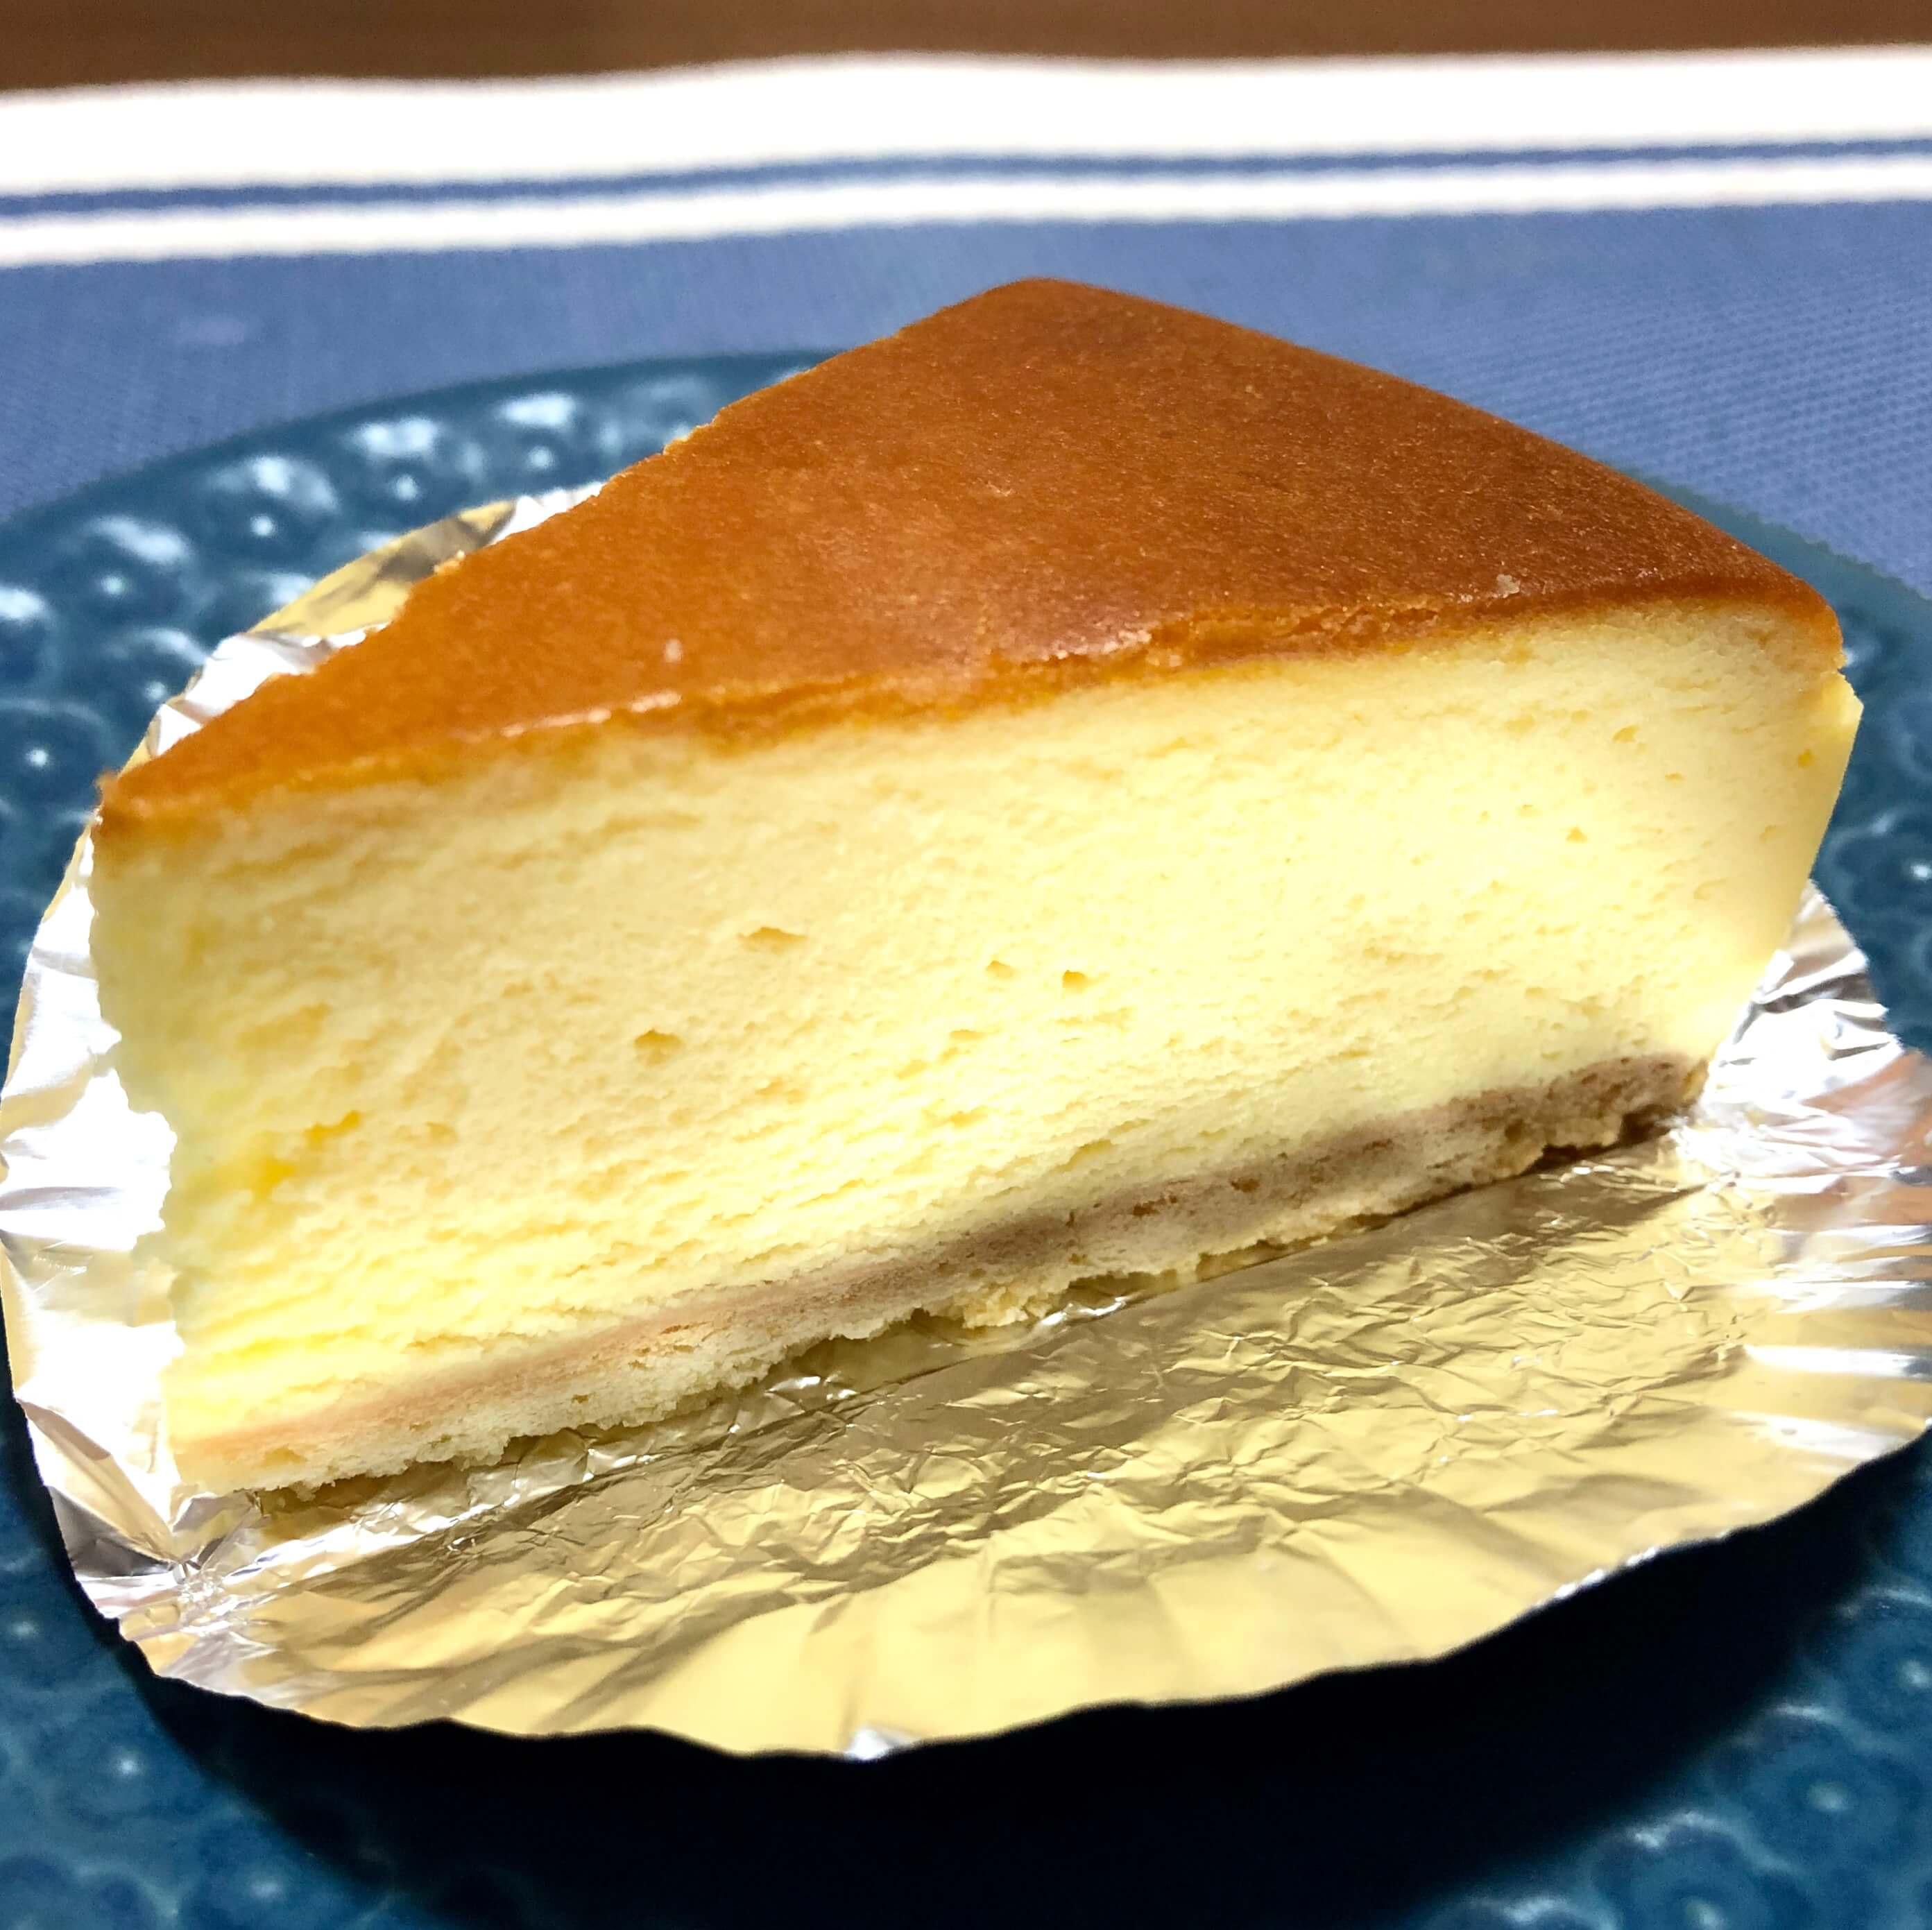 マンスリースイーツ上尾駅7月はダンテが出店!チーズケーキ2種類を食べ比べてみた!